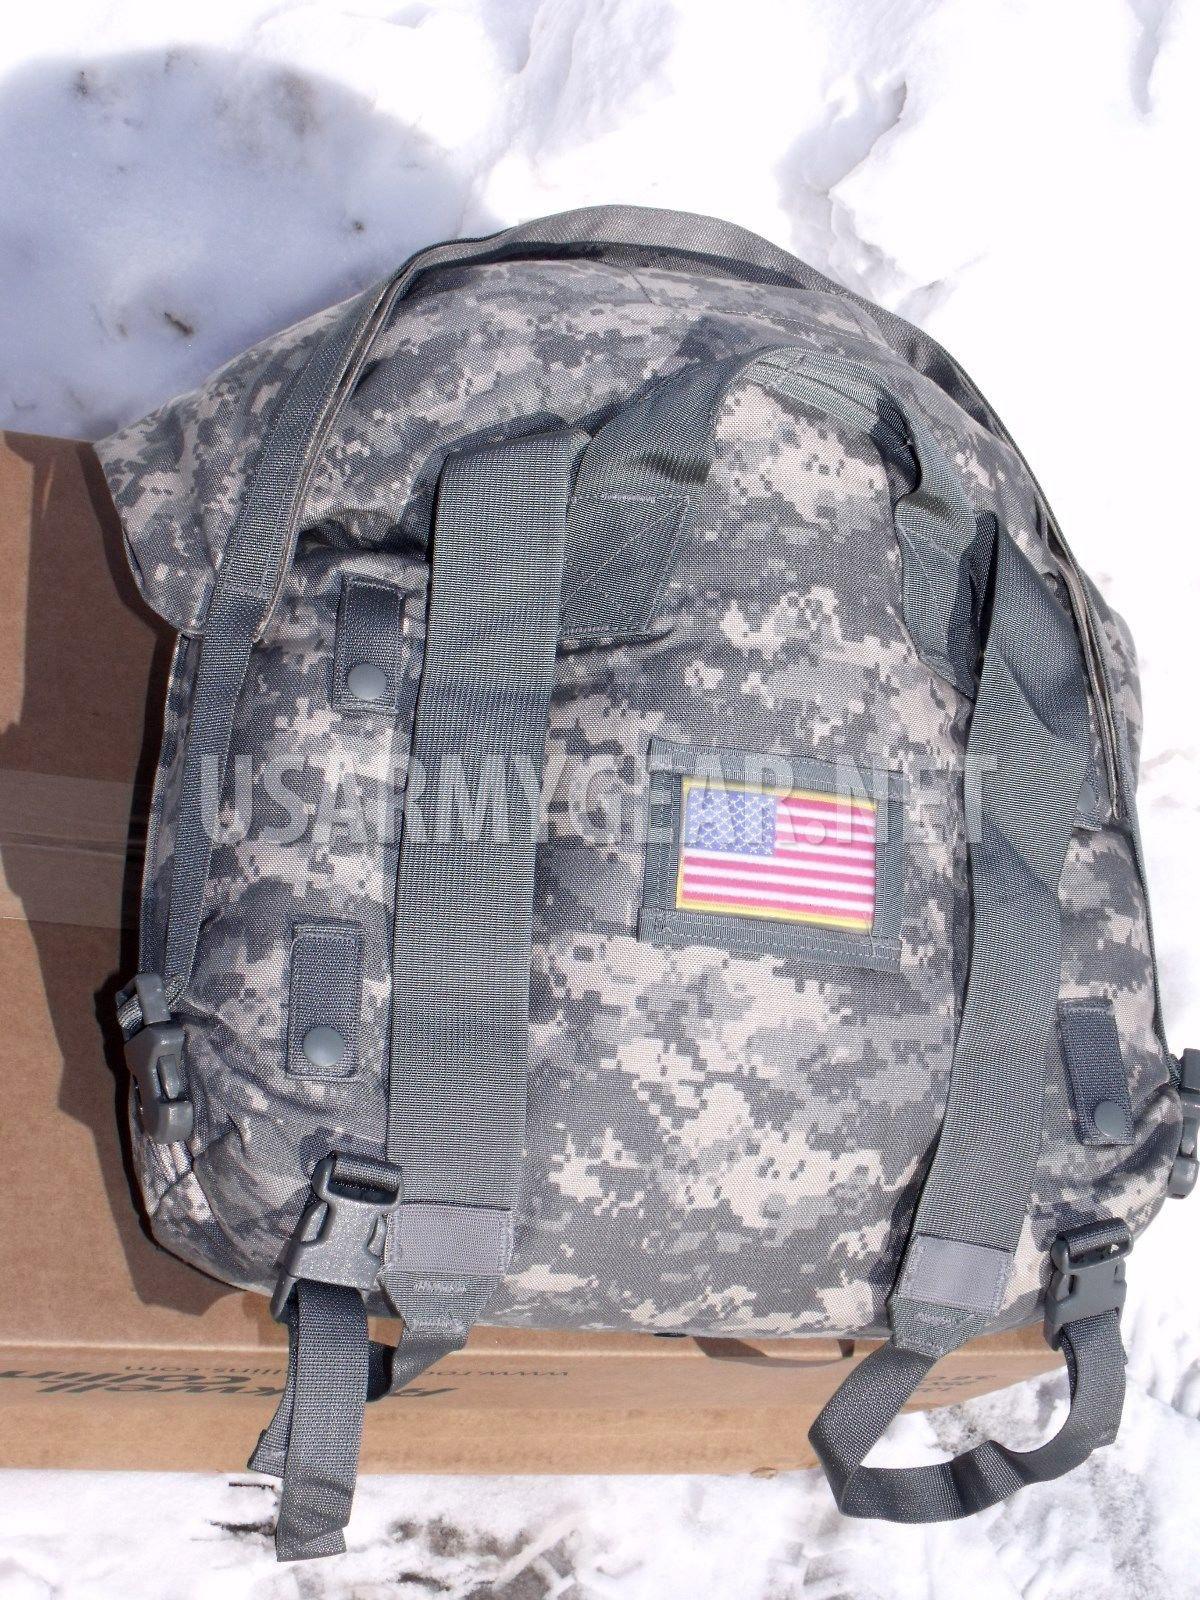 US Army ACU JSLIST Carry Bag 0eea3454a426d